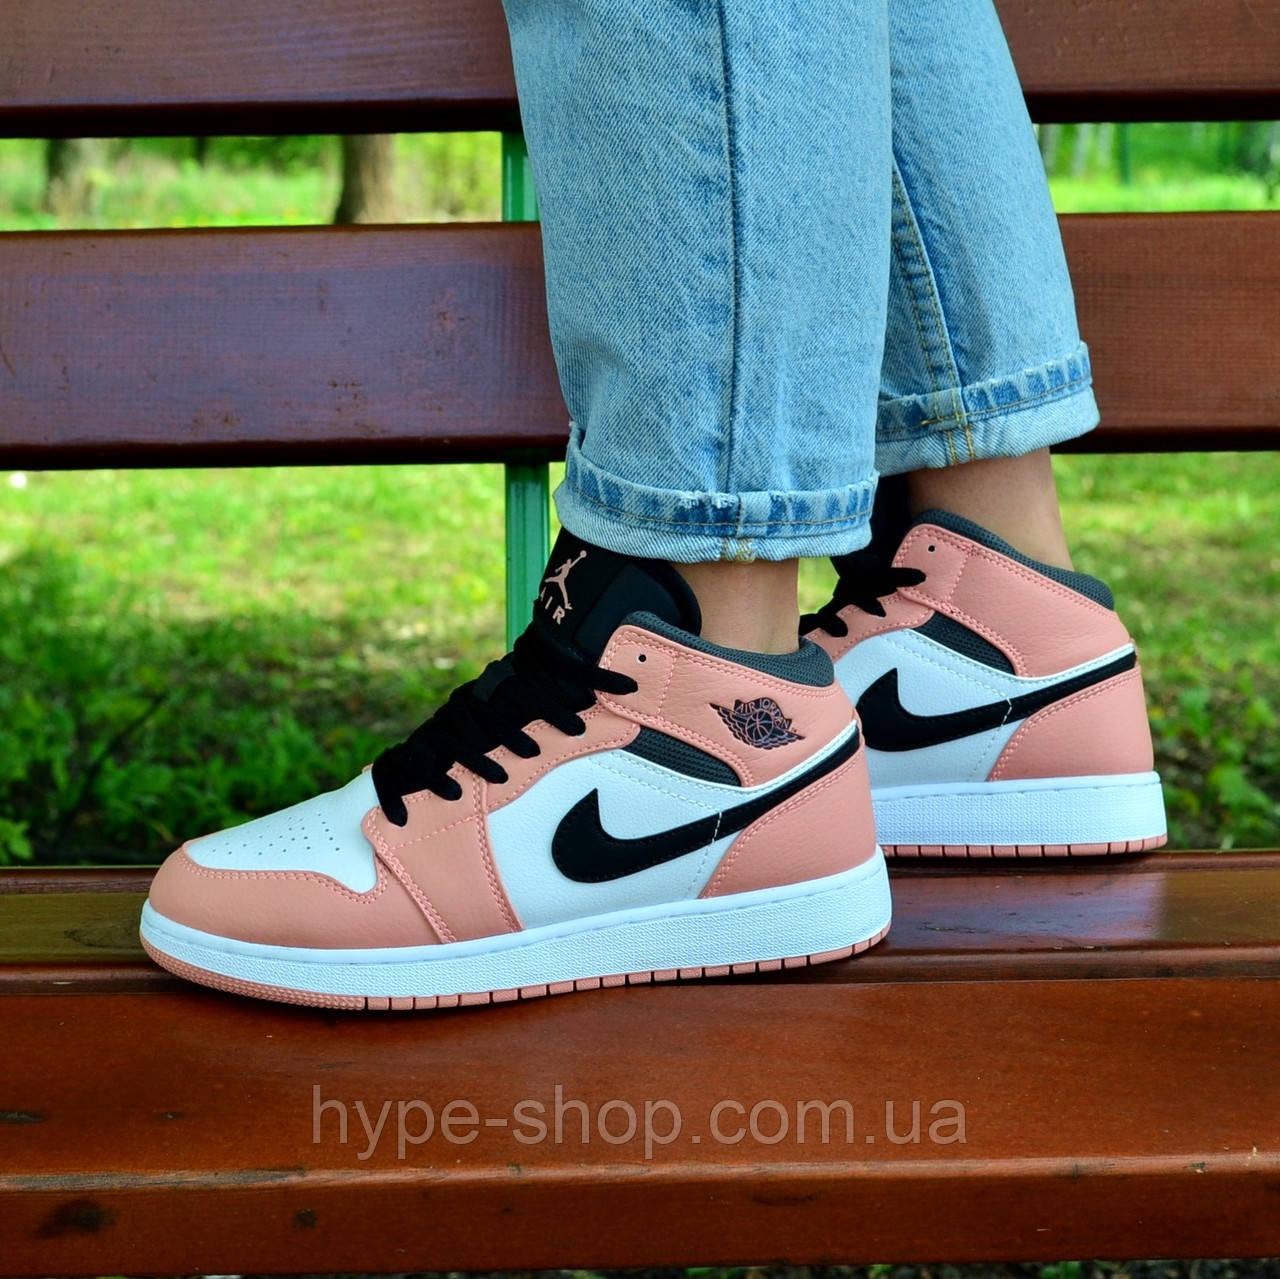 Женские кроссовки Nike Air Jordan 1 GS PINK QUARTZ